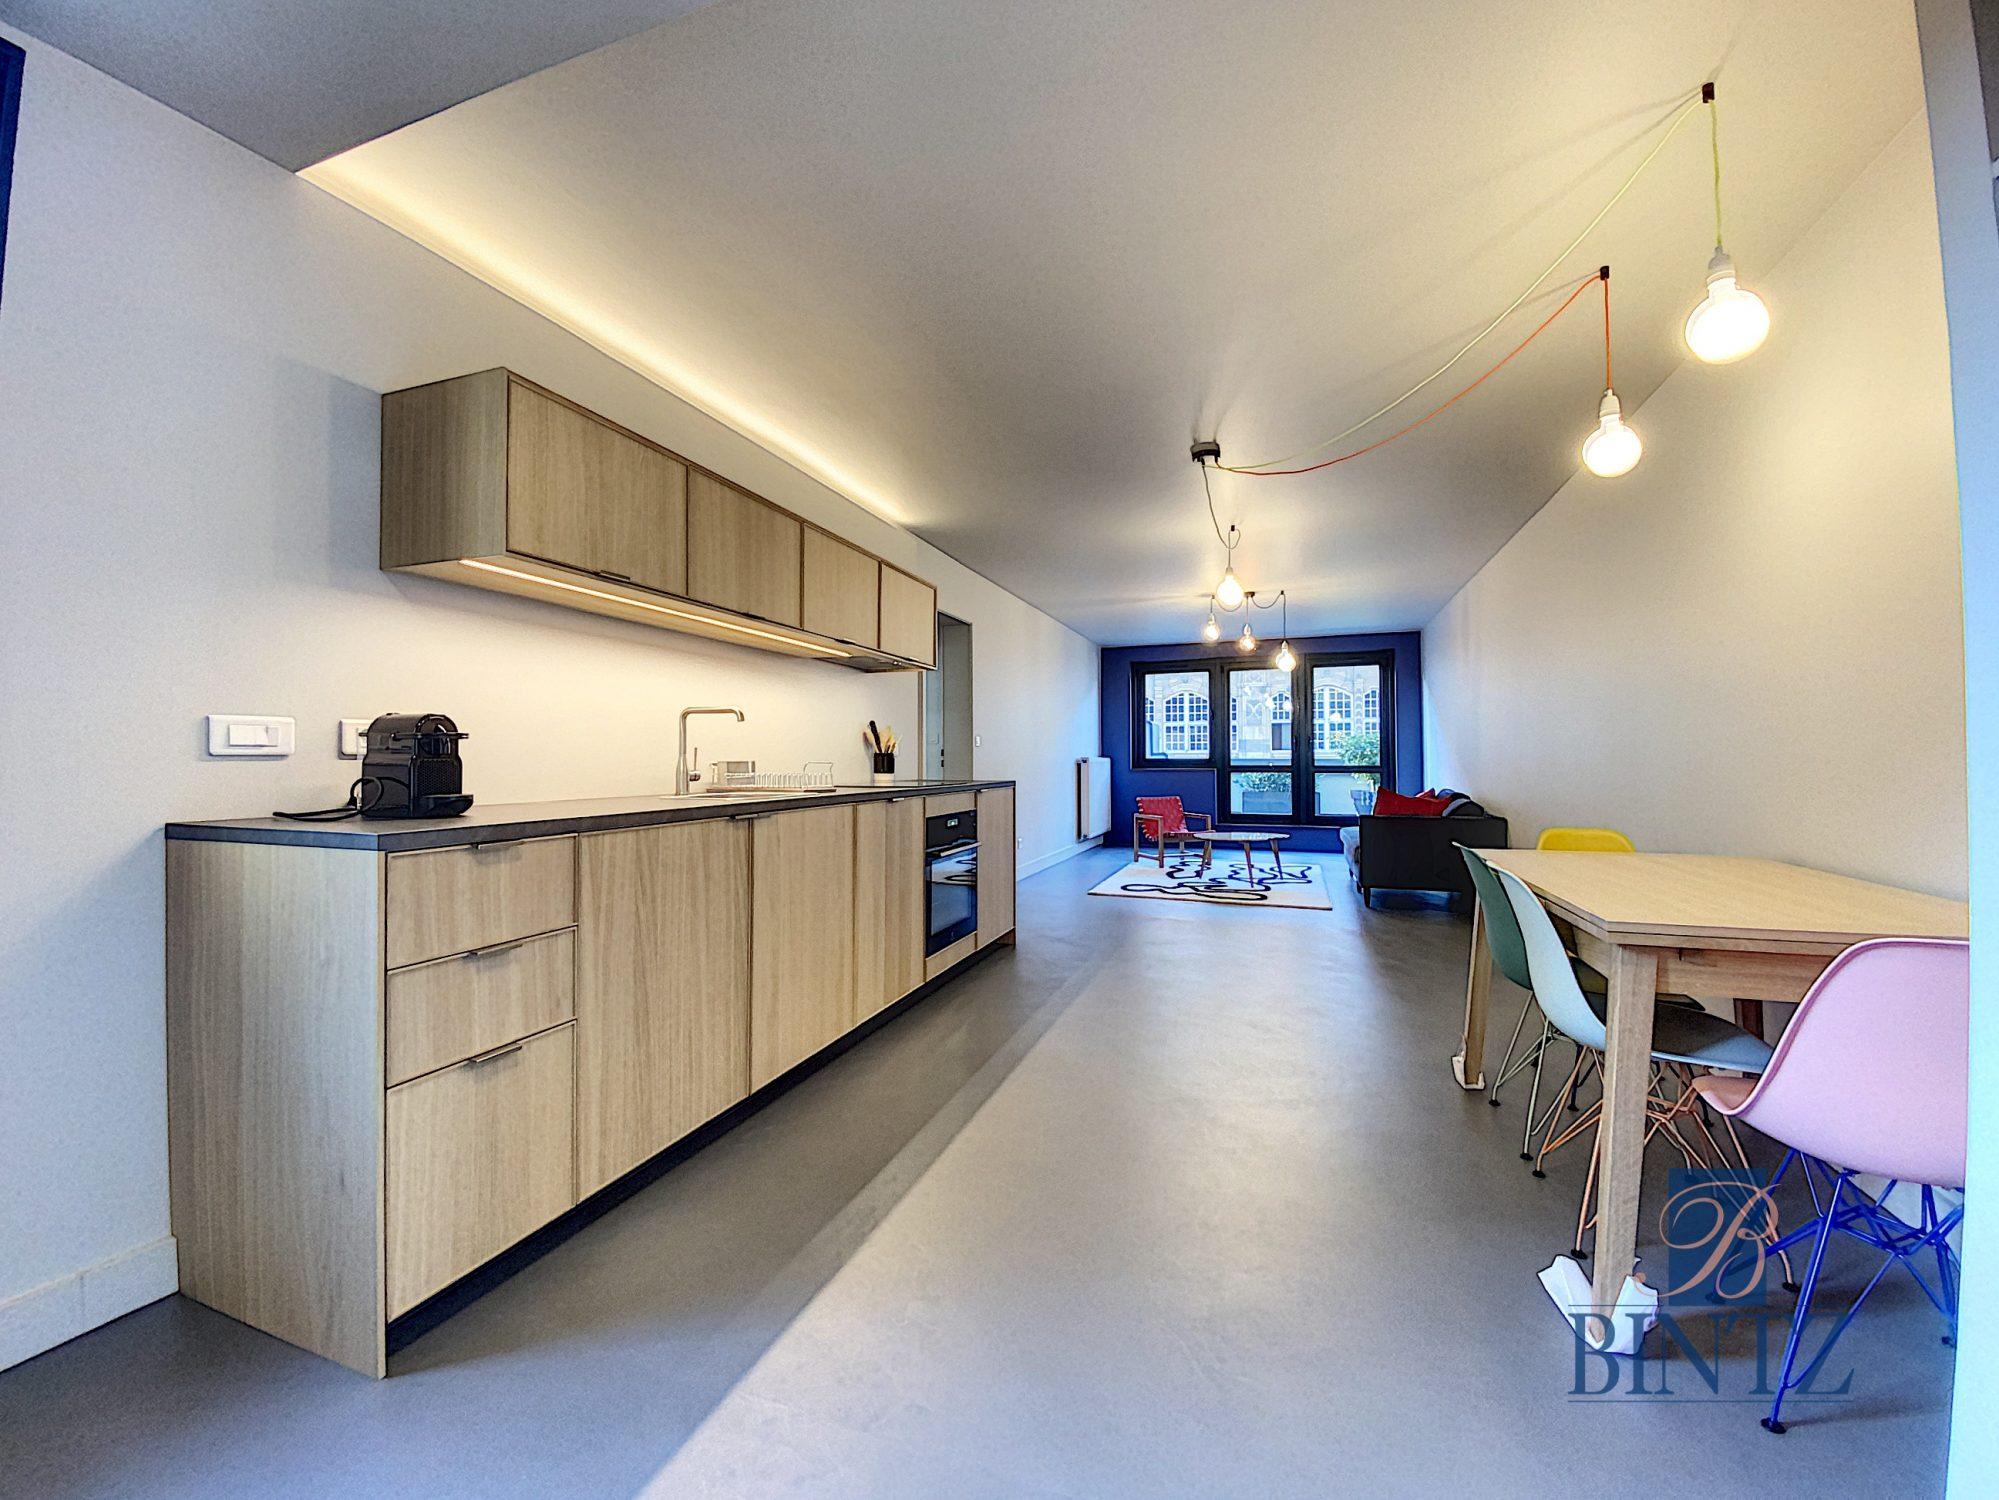 4 PIECES MEUBLE AVEC TERRASSE HYPER-CENTRE - Devenez locataire en toute sérénité - Bintz Immobilier - 10